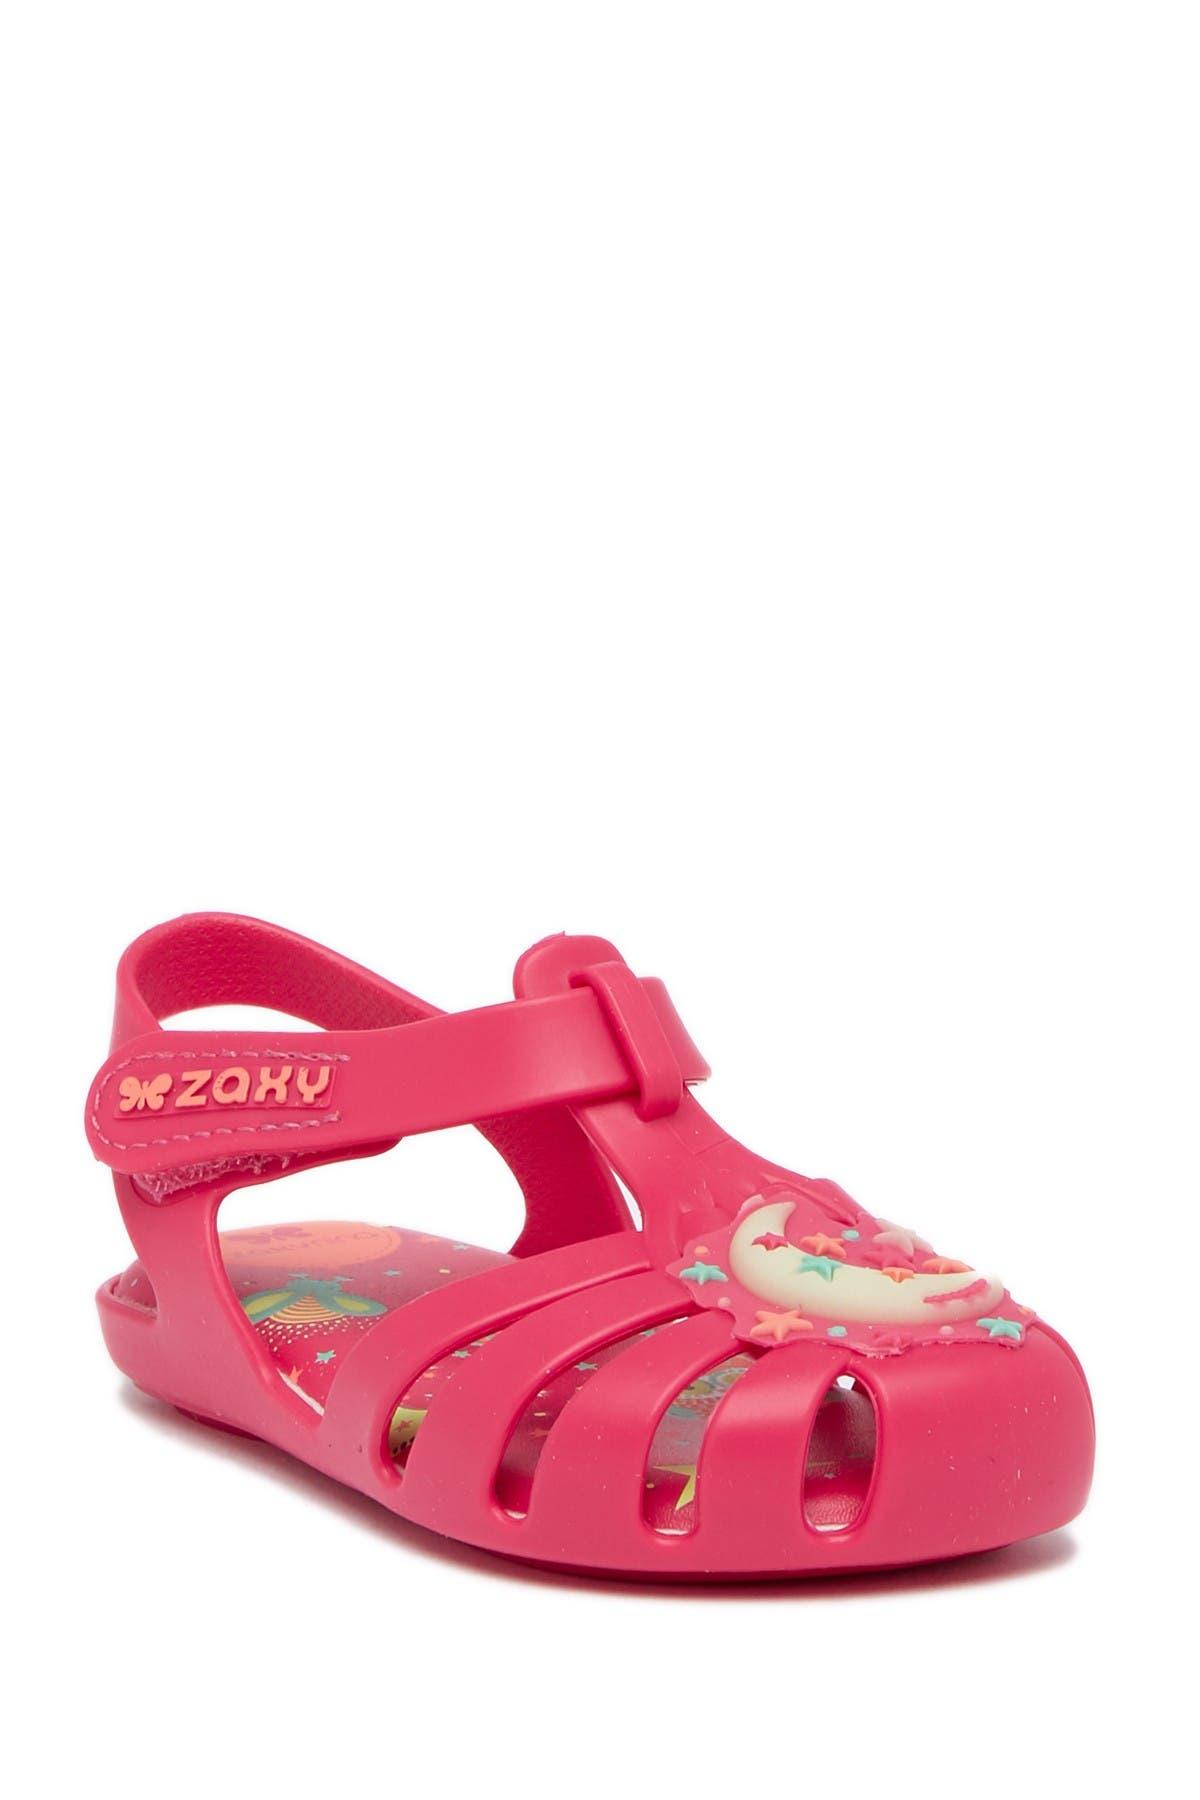 Zaxy   Glow in the Dark Sandal